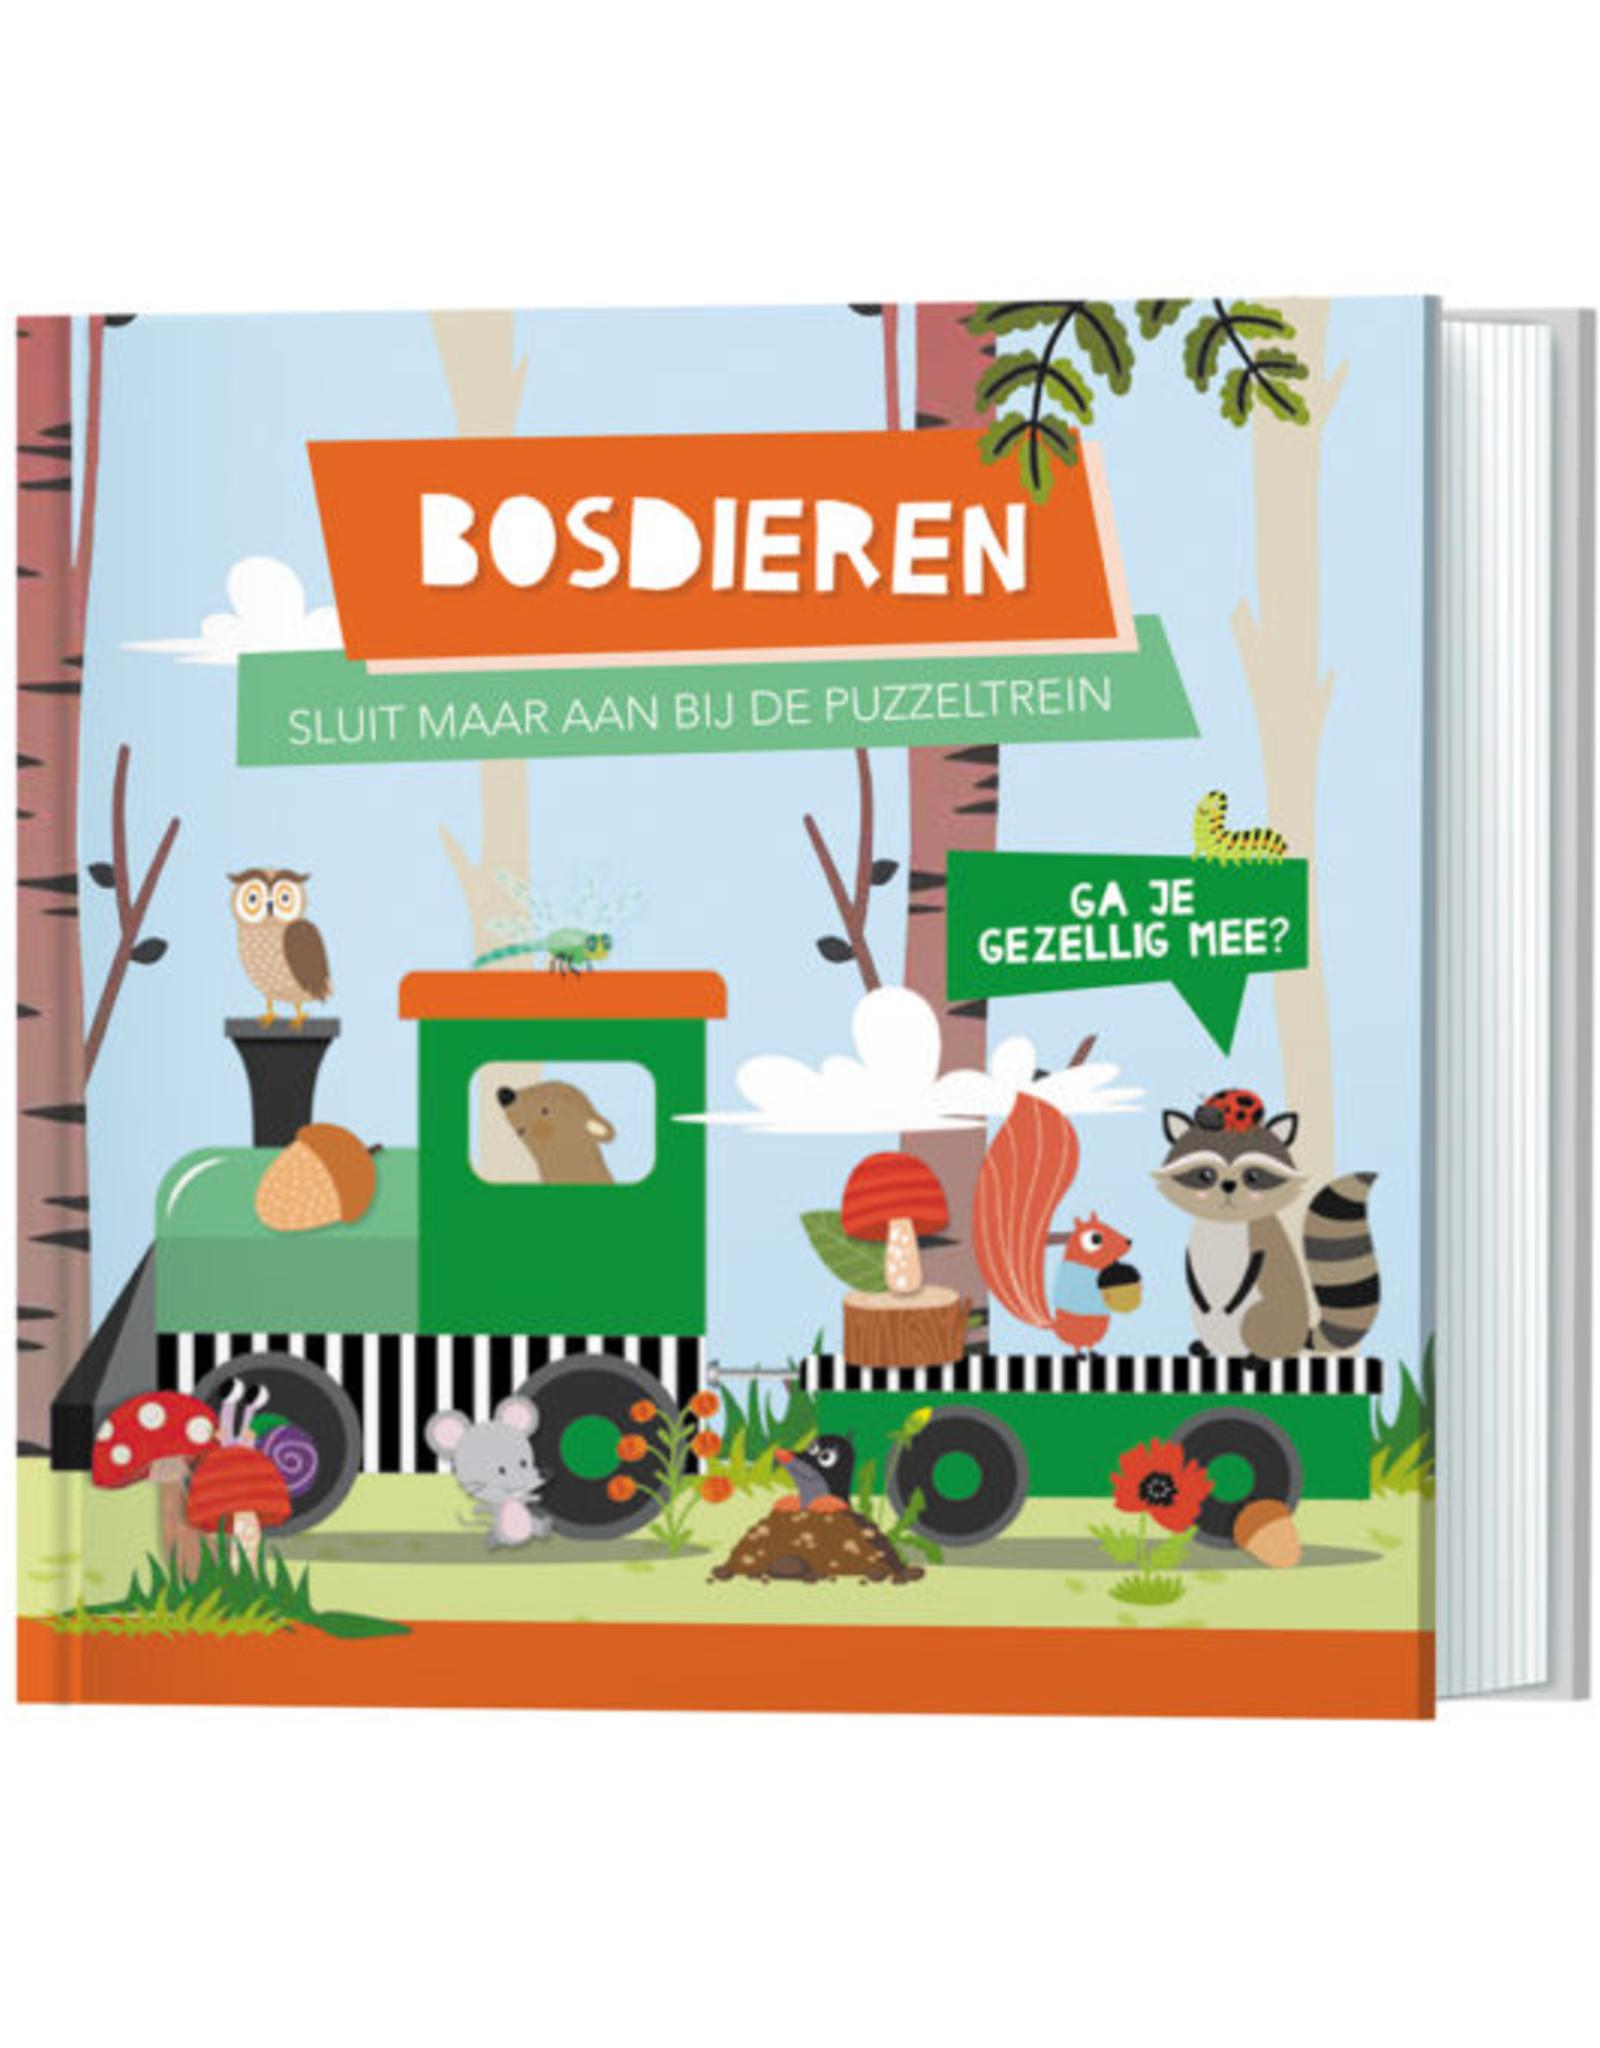 Boek en Puzzeltrein Bosdieren +3jr - Lantaarn Publishers